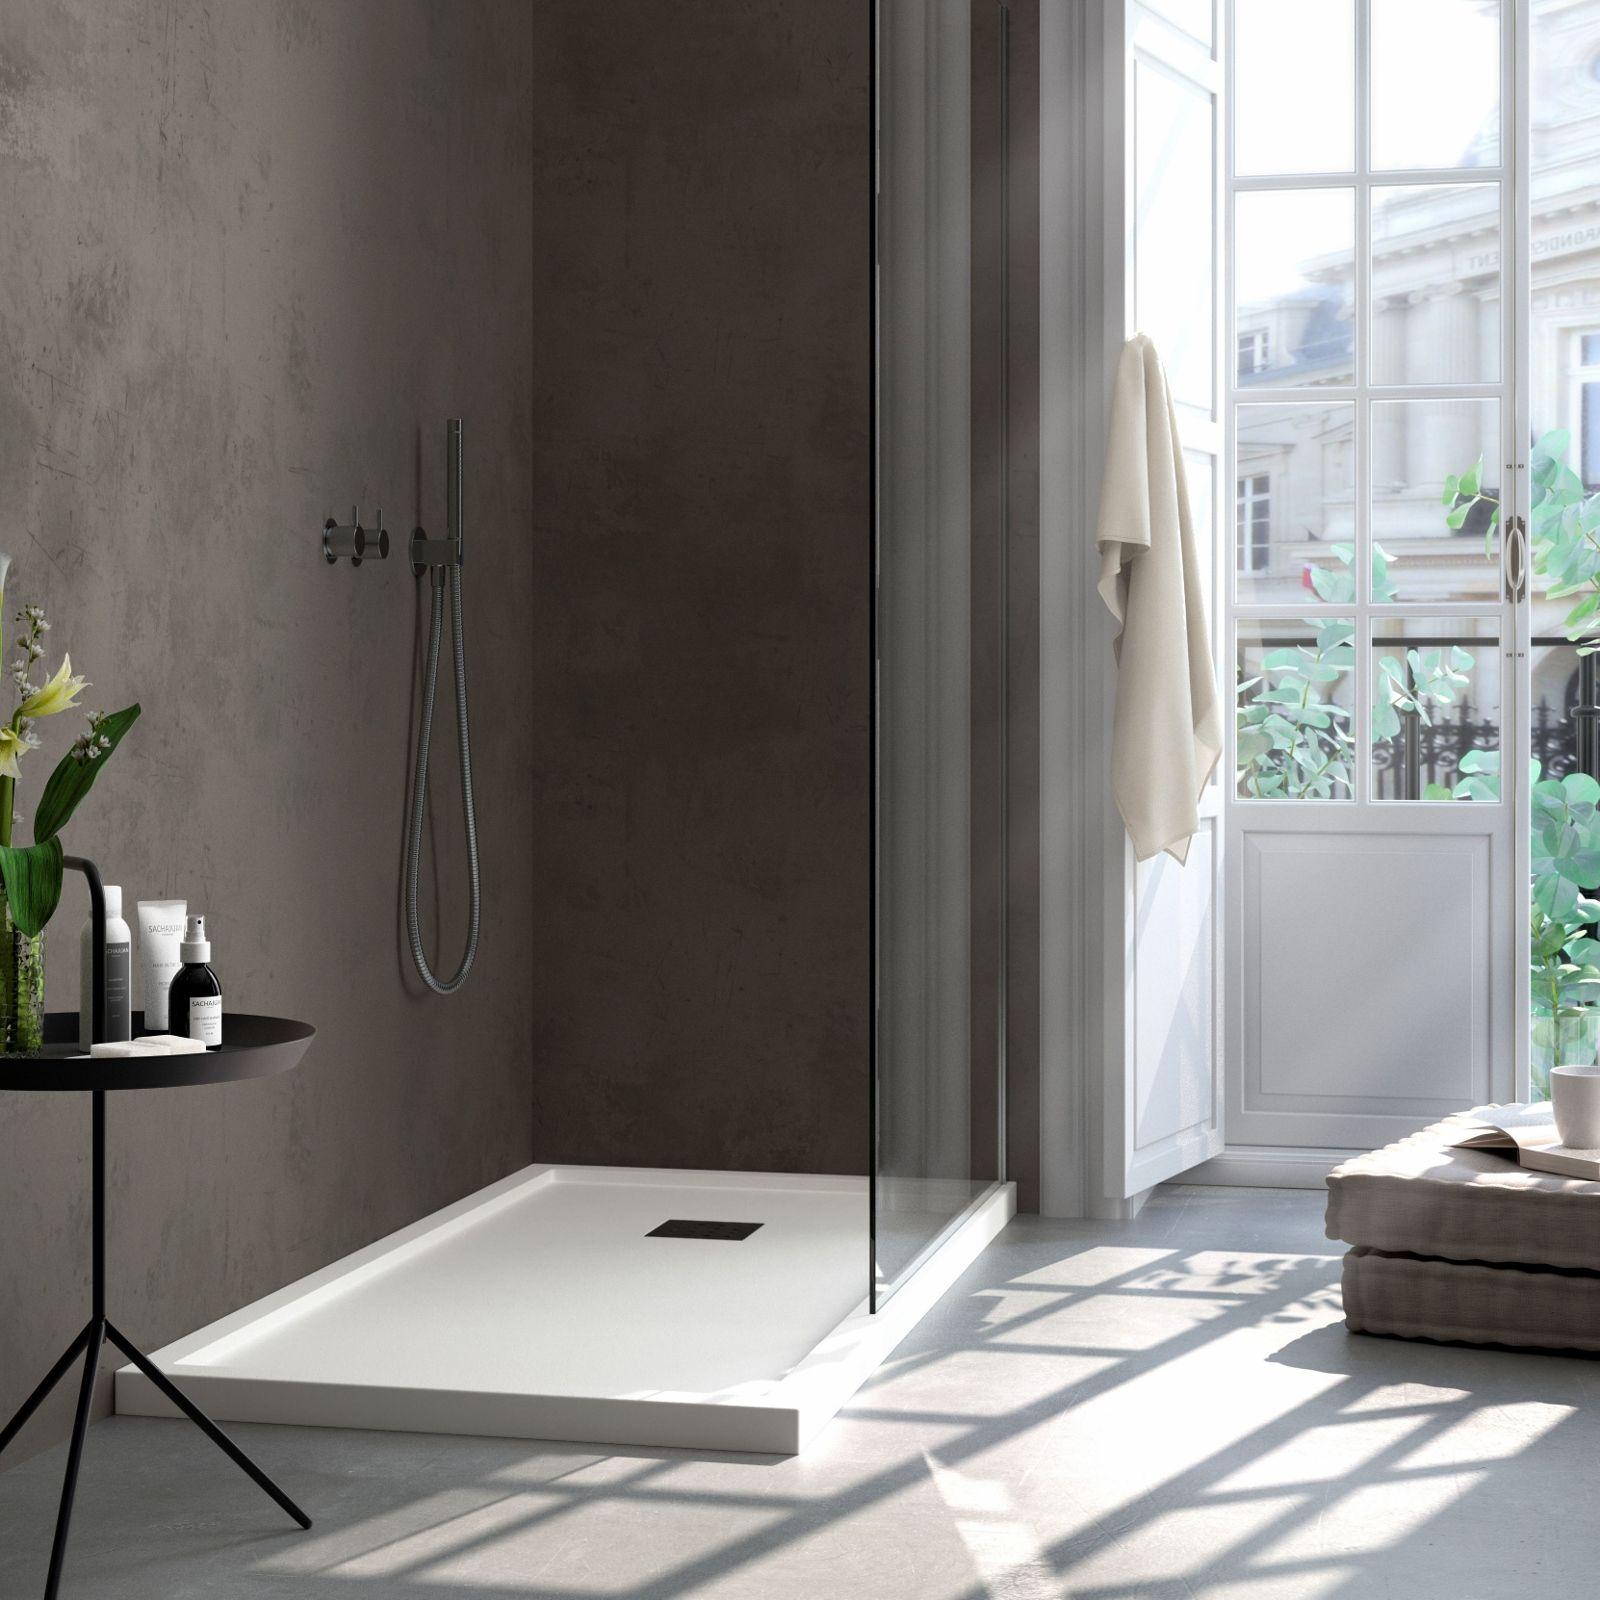 Details zu Duschwanne flache Duschtasse mit Einfassung